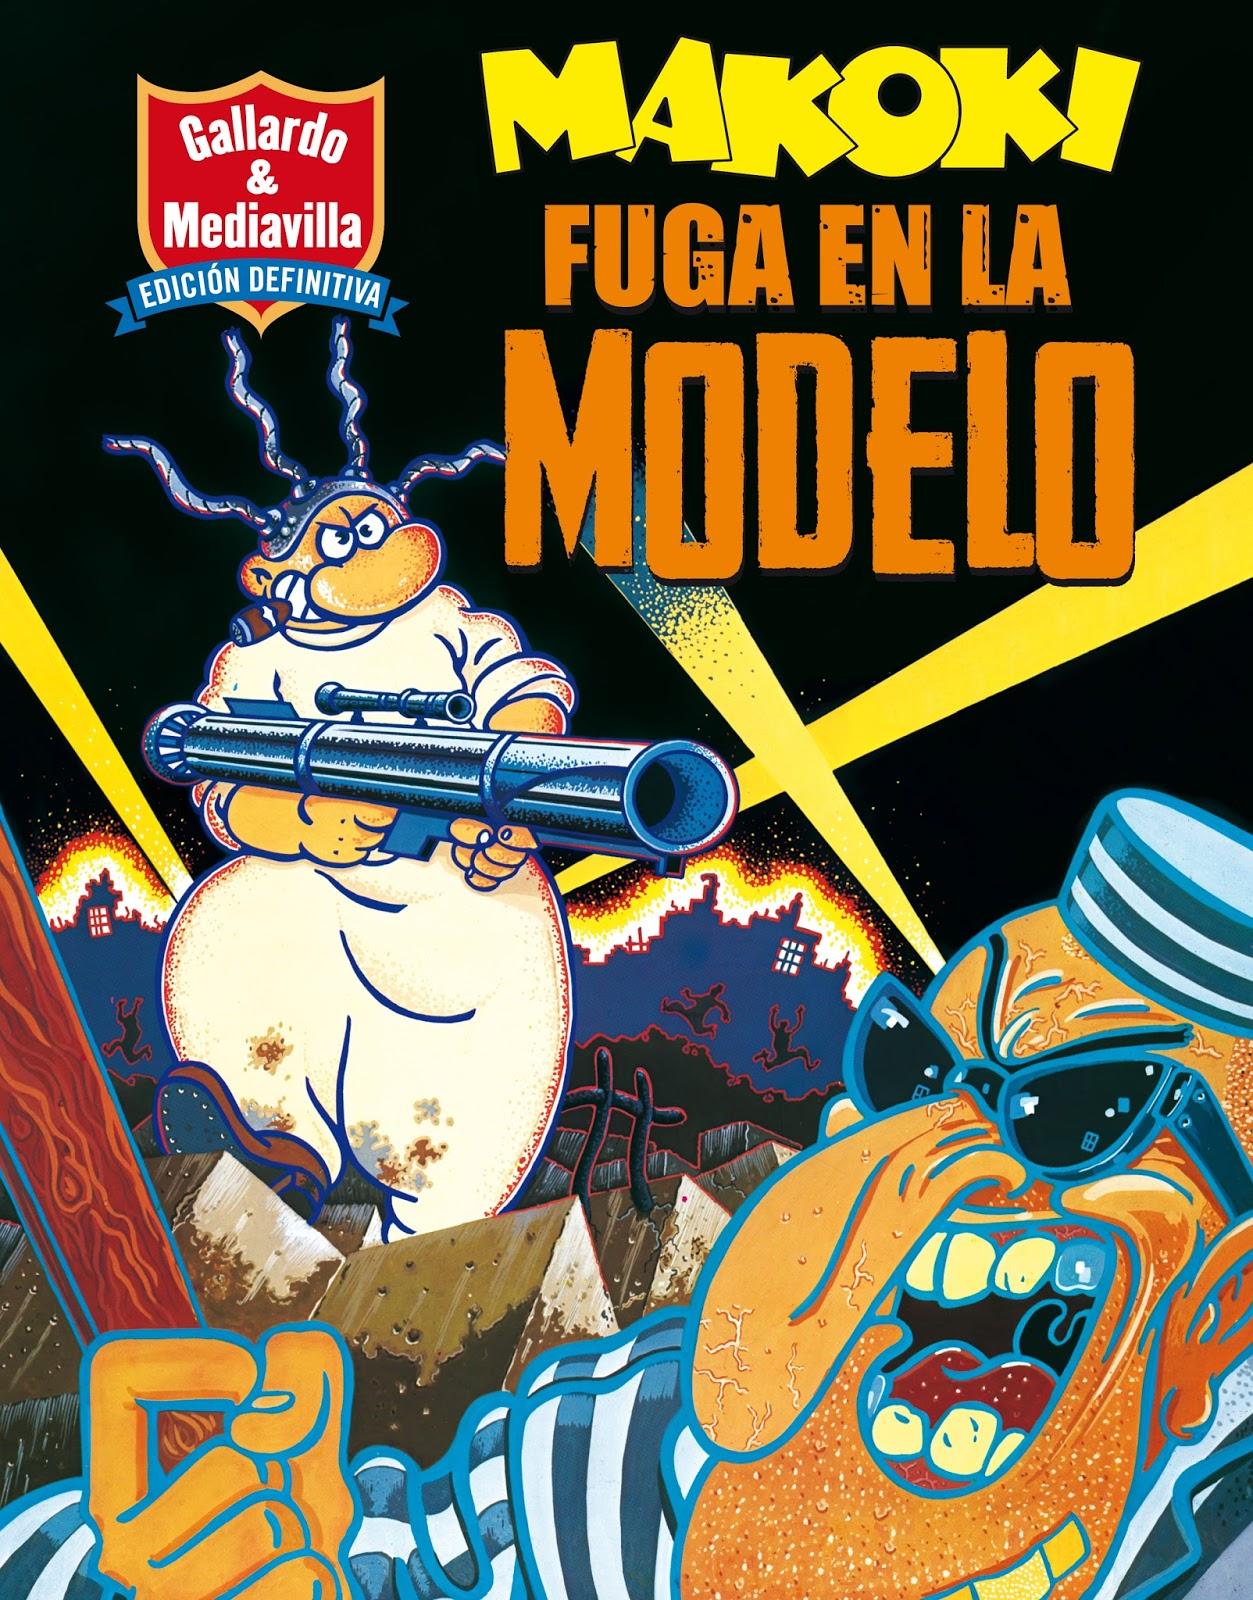 Gallardo y Mediavilla Fuga en la modelo cubierta